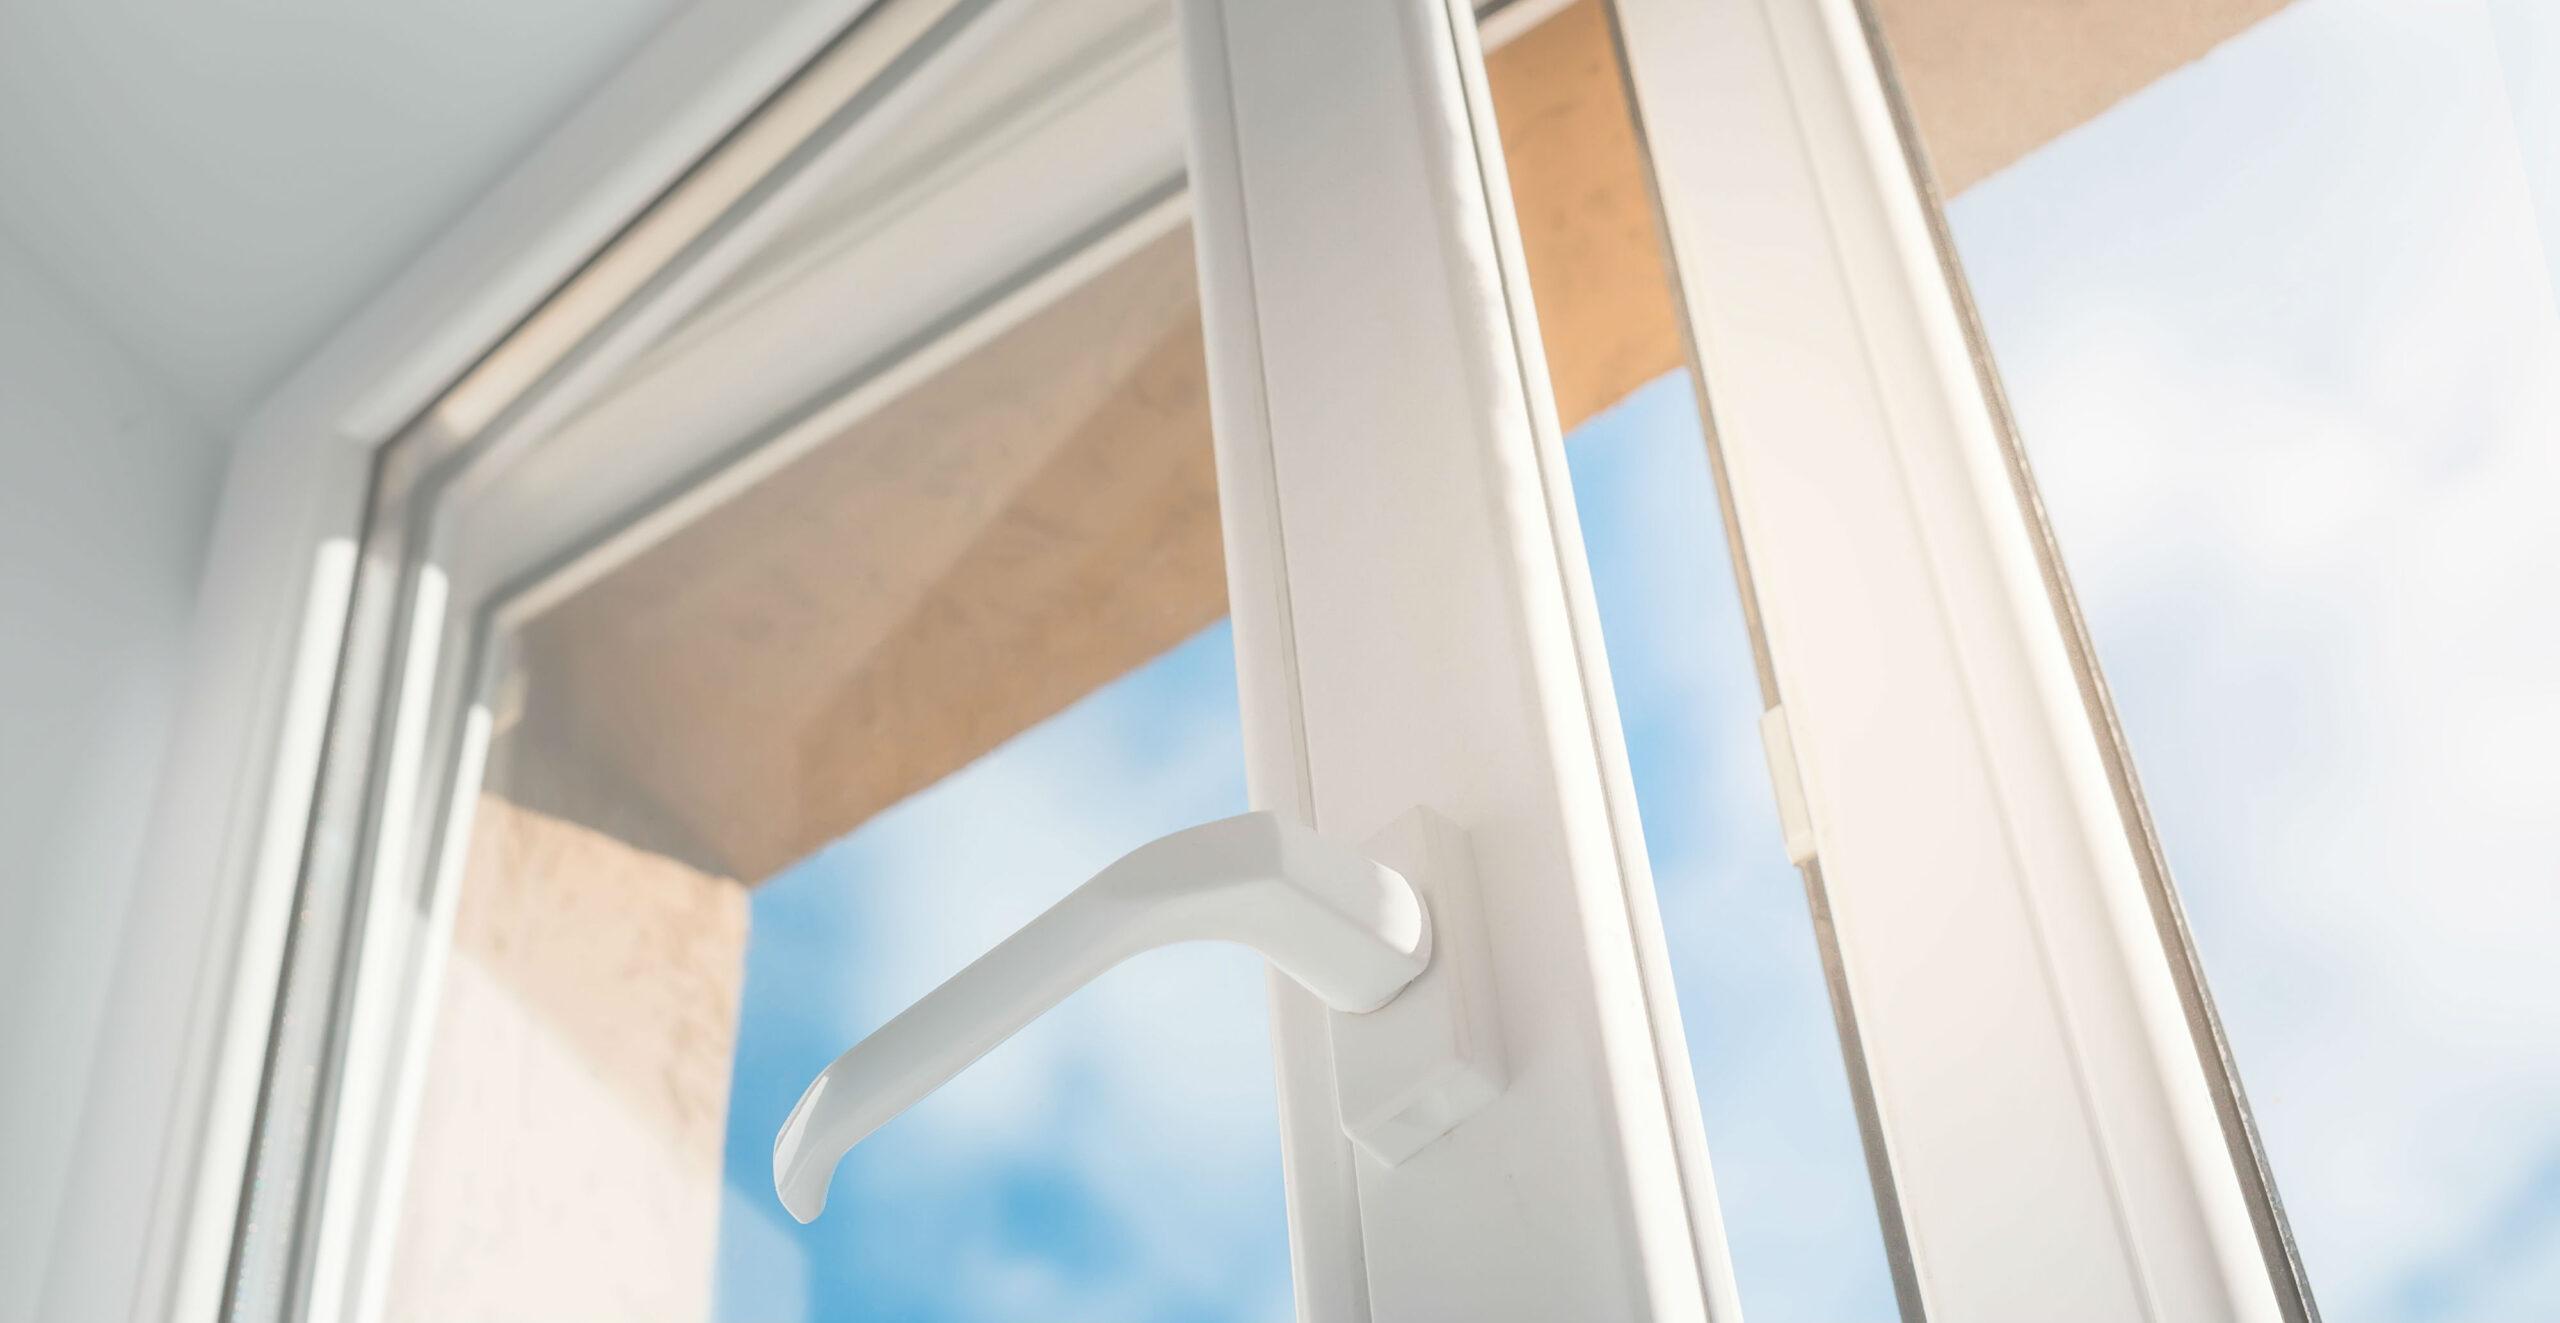 Full Size of Kosten Fr Den Austausch Der Fensterdichtungen Herold Fenster Erneuern Bad Wohnzimmer Fensterfugen Erneuern